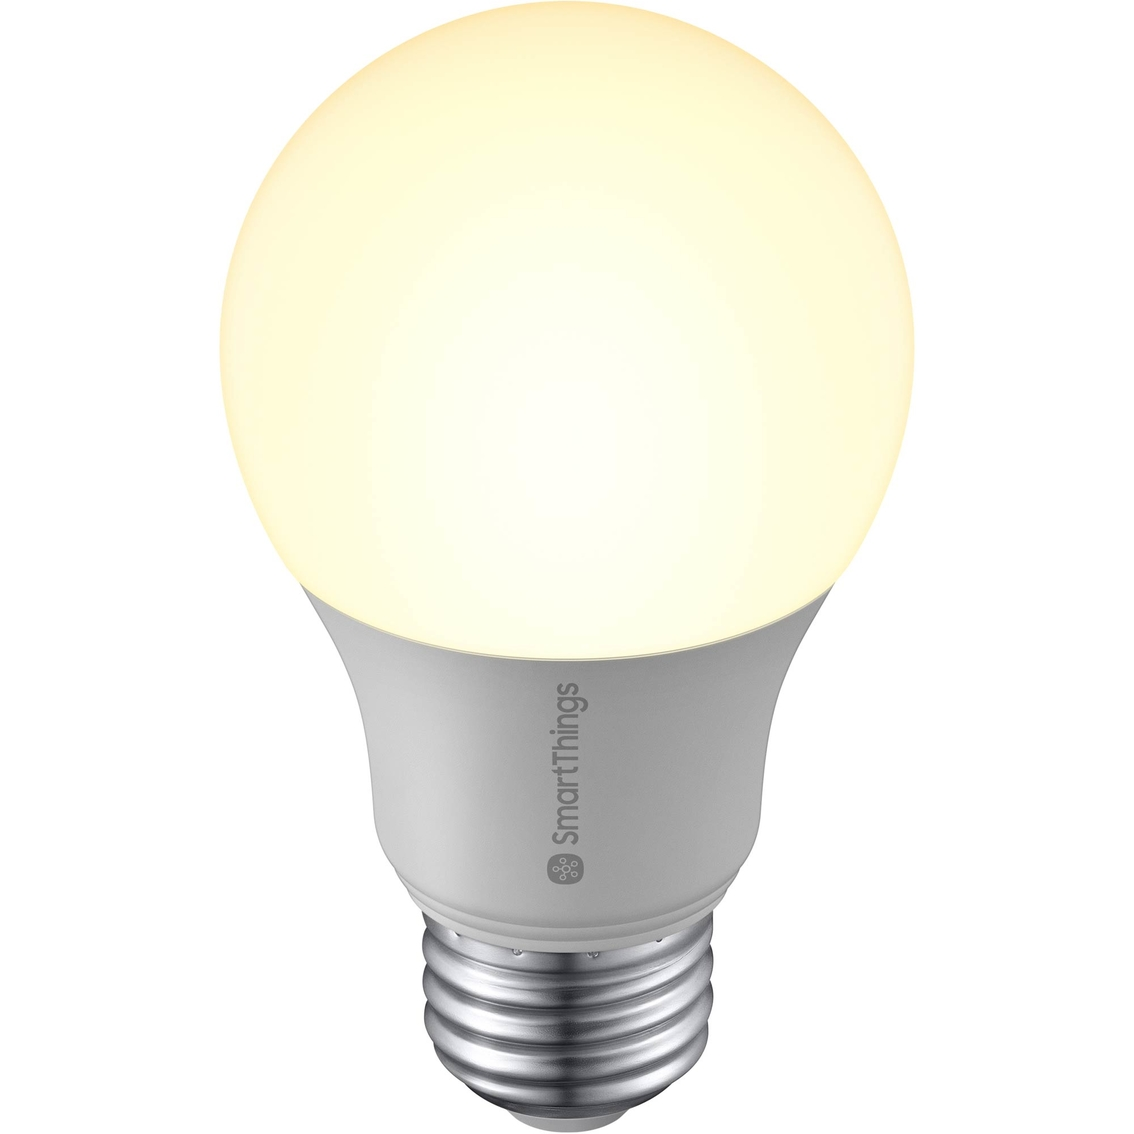 Samsung Smartthings Smart Bulb Smart Energy Amp Lighting